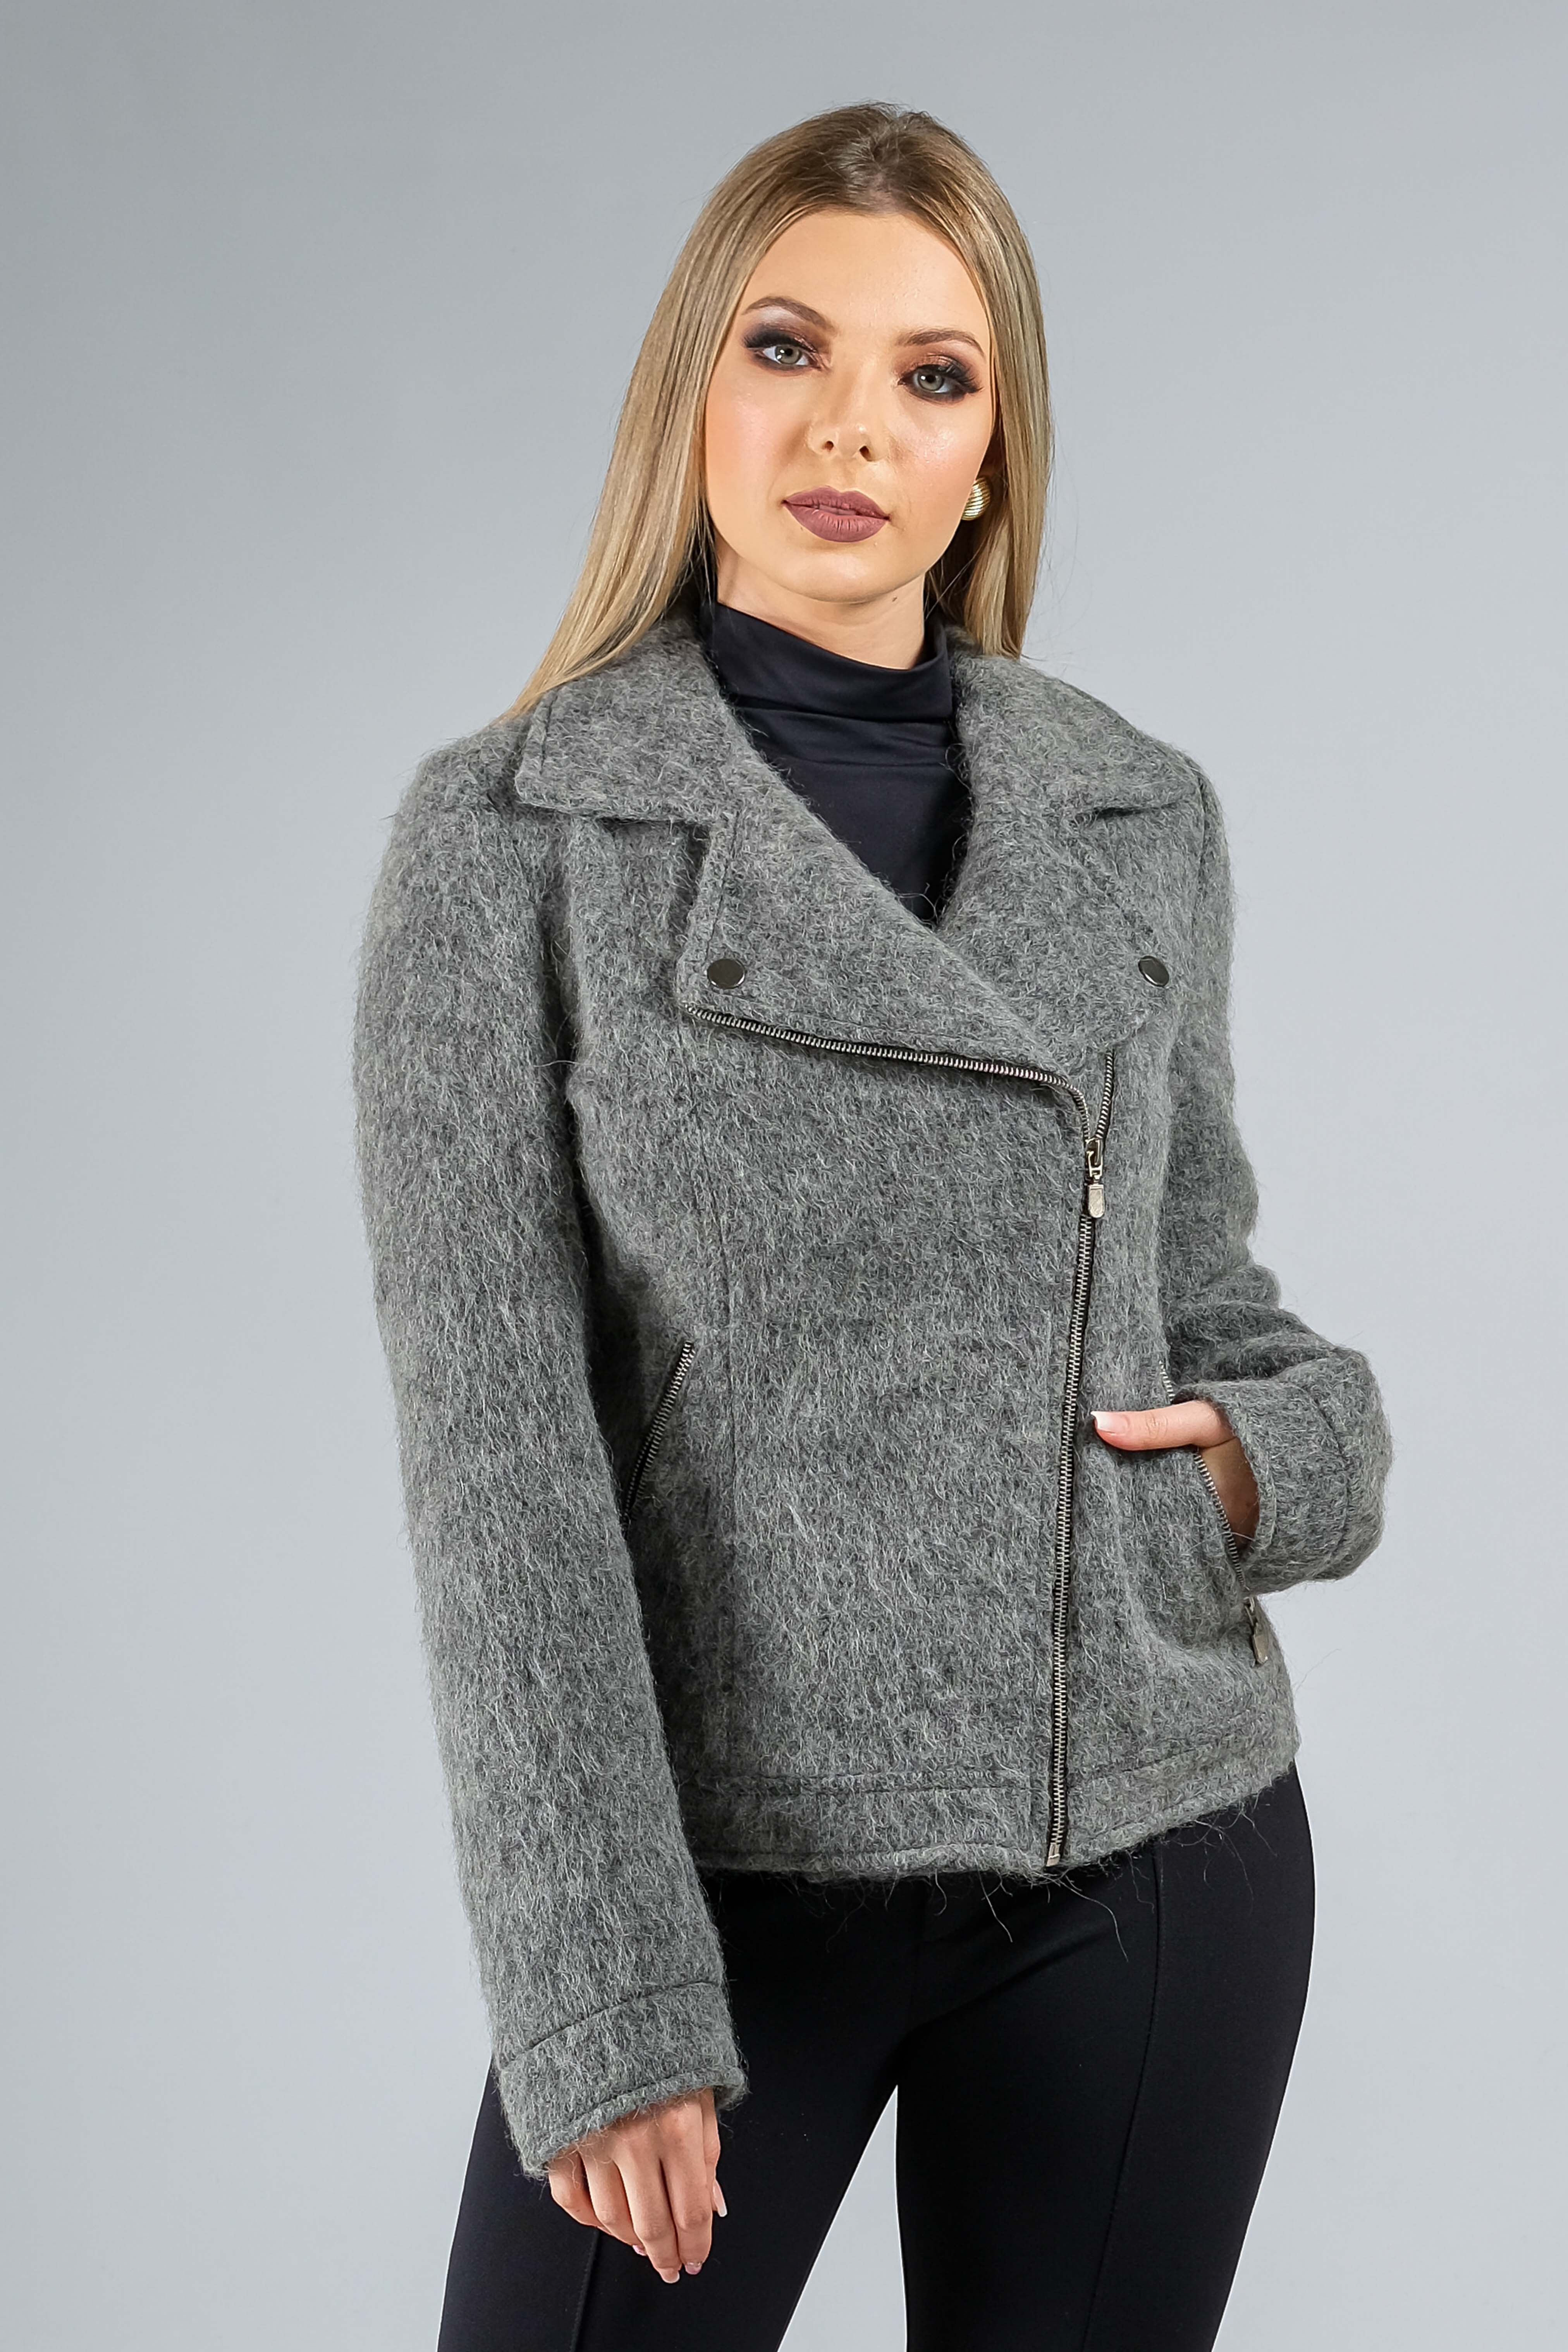 Jaqueta de lã fios longos com zíper cinza